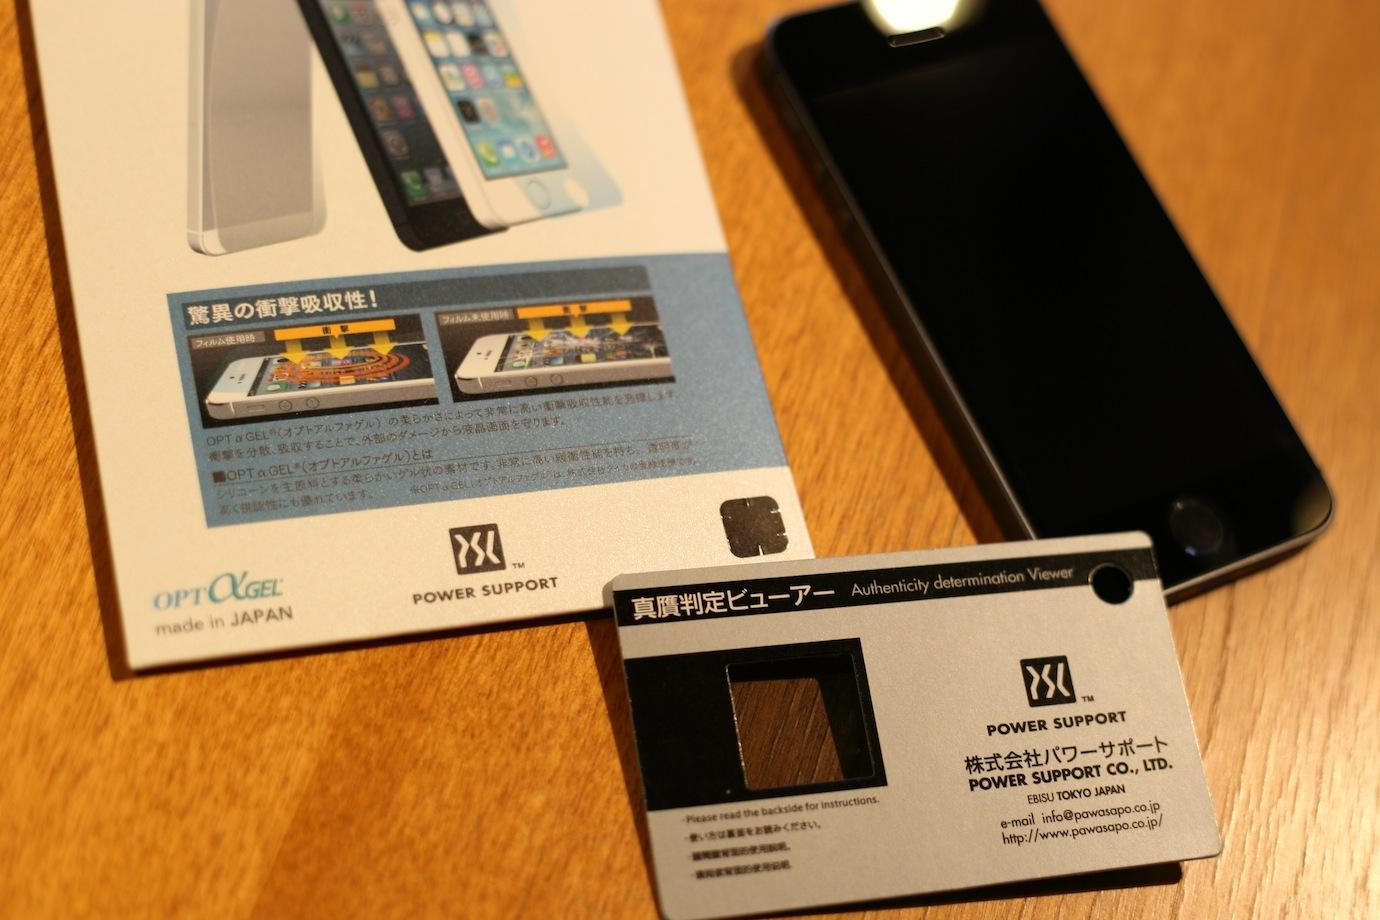 パワーサポート 衝撃吸収クリスタルフィルムセット for iPhone 5s/5_d0081605_3314266.jpg